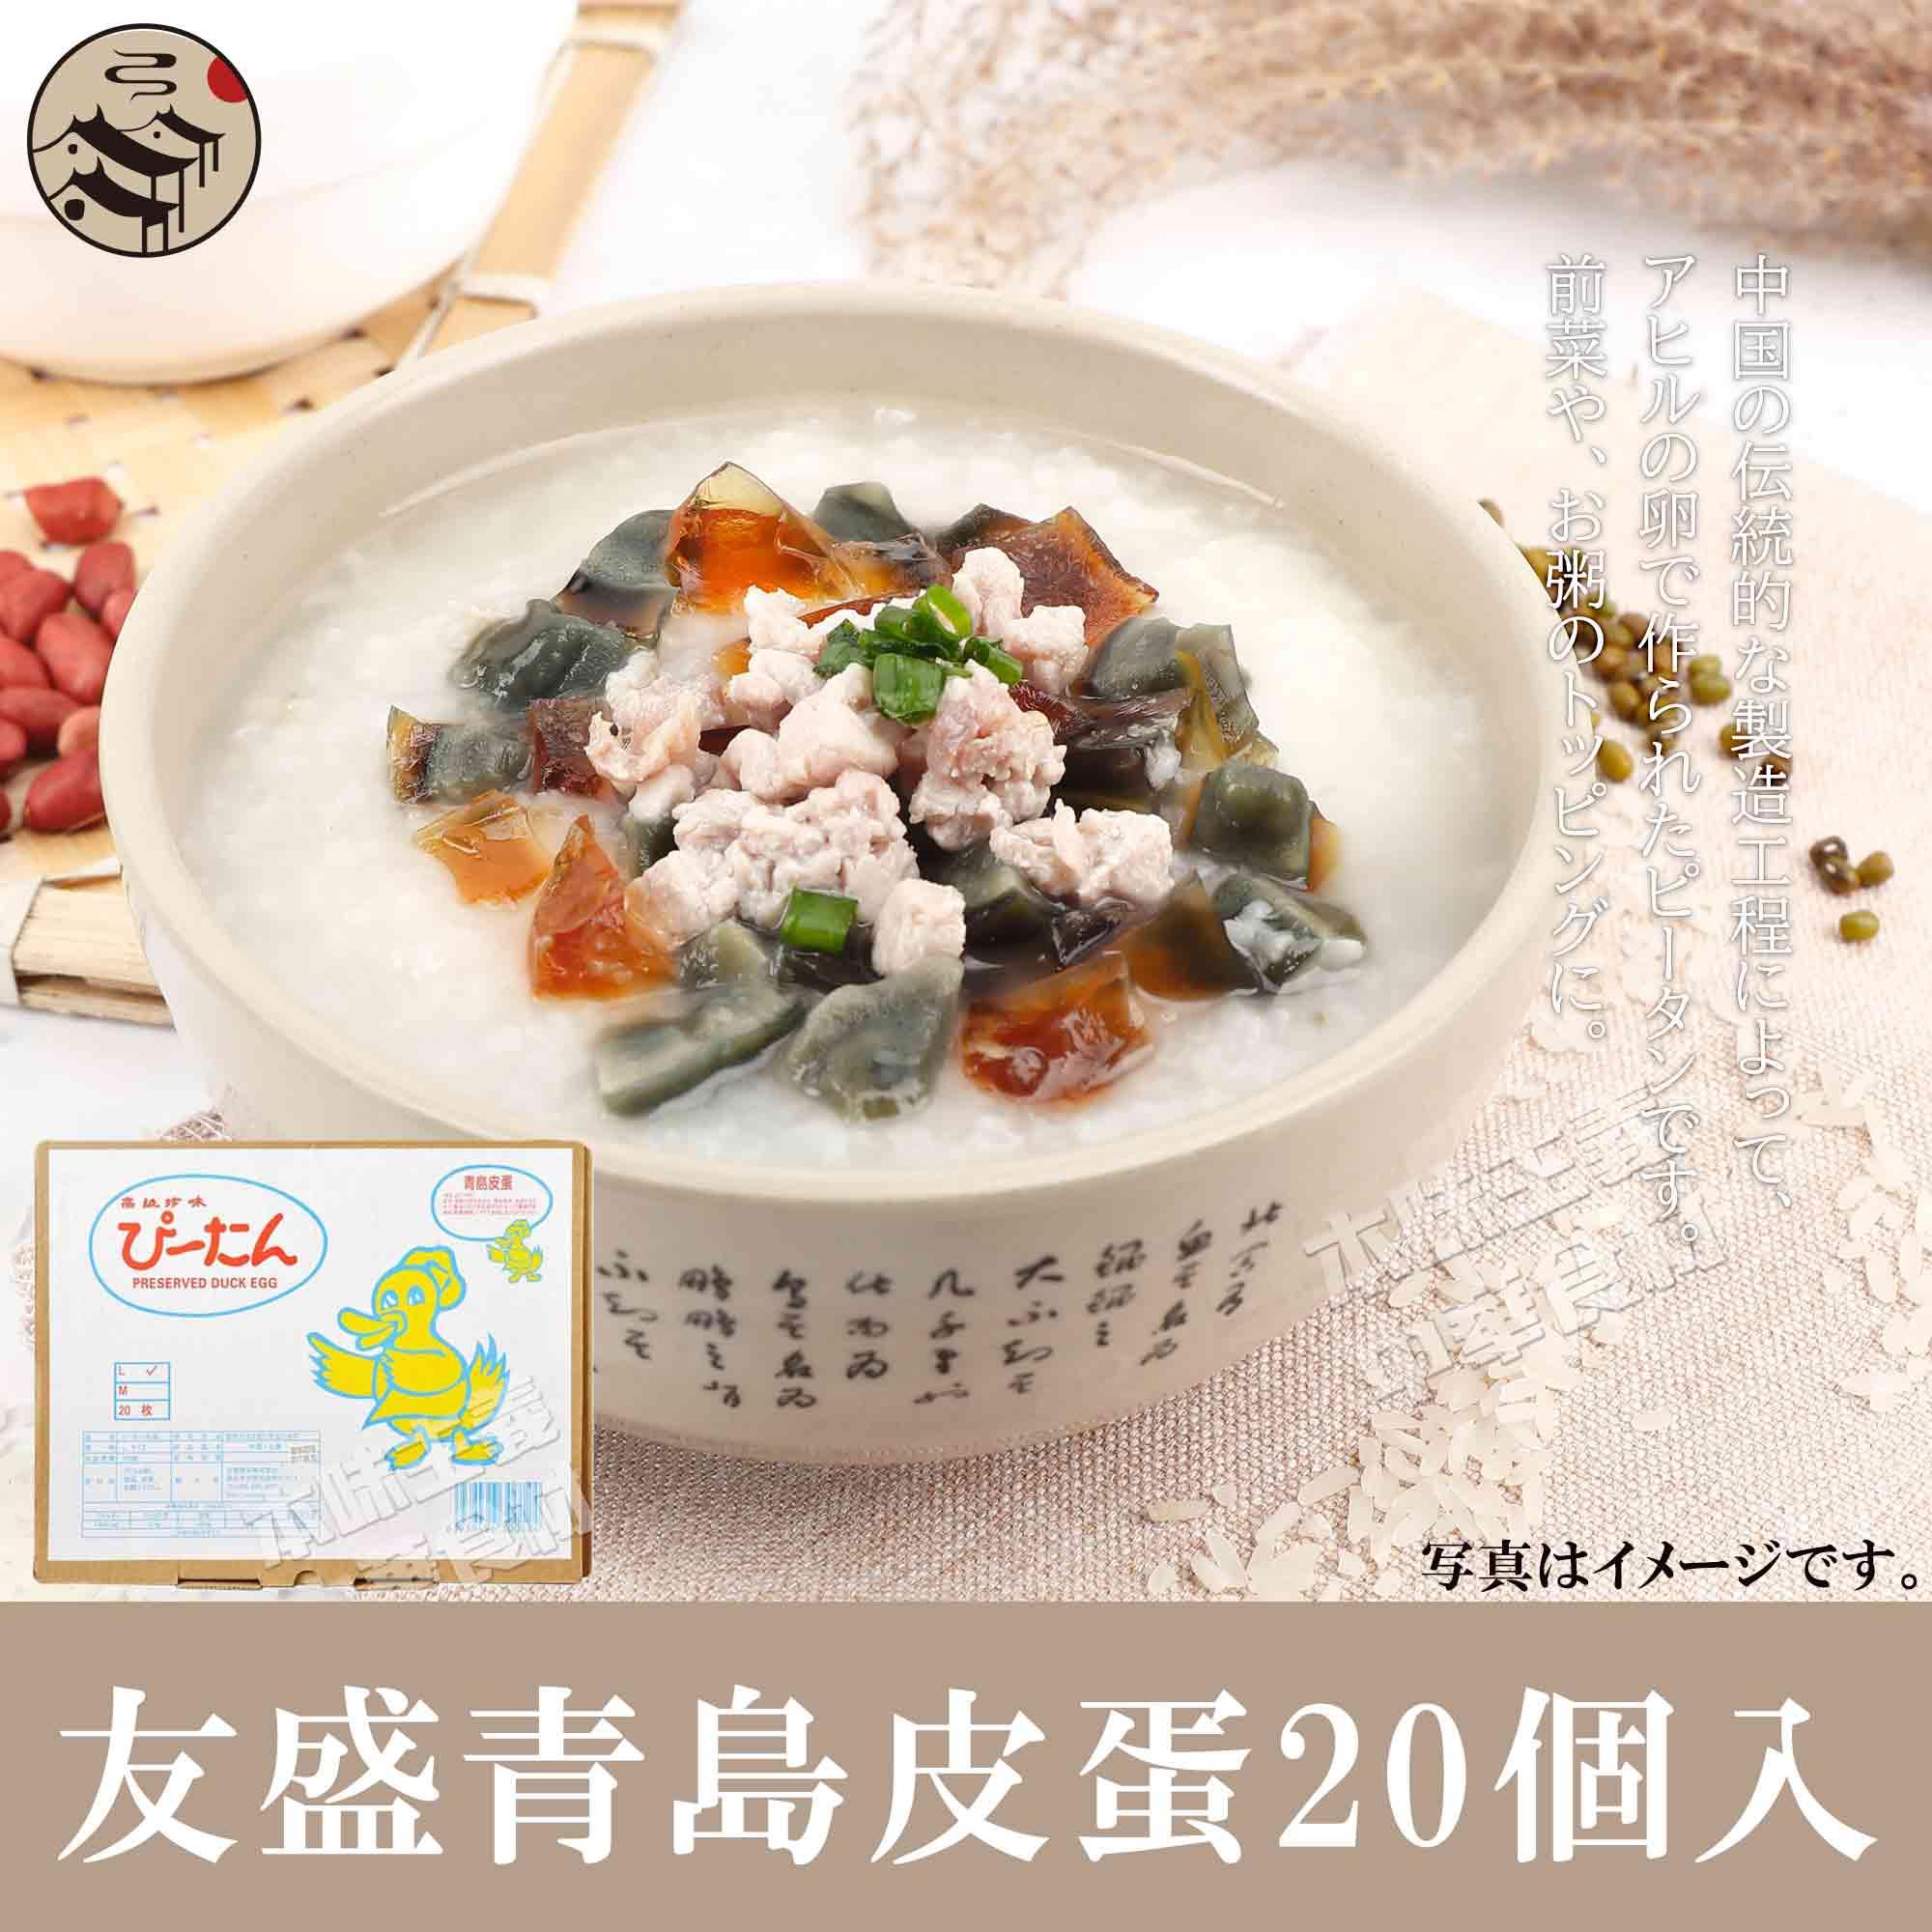 セール特別価格 友盛青島皮蛋 チンタオピータンLサイズ まとめ買い特価 業務用 お得 台湾風味名物 中華食材調味料 中華料理人気商品